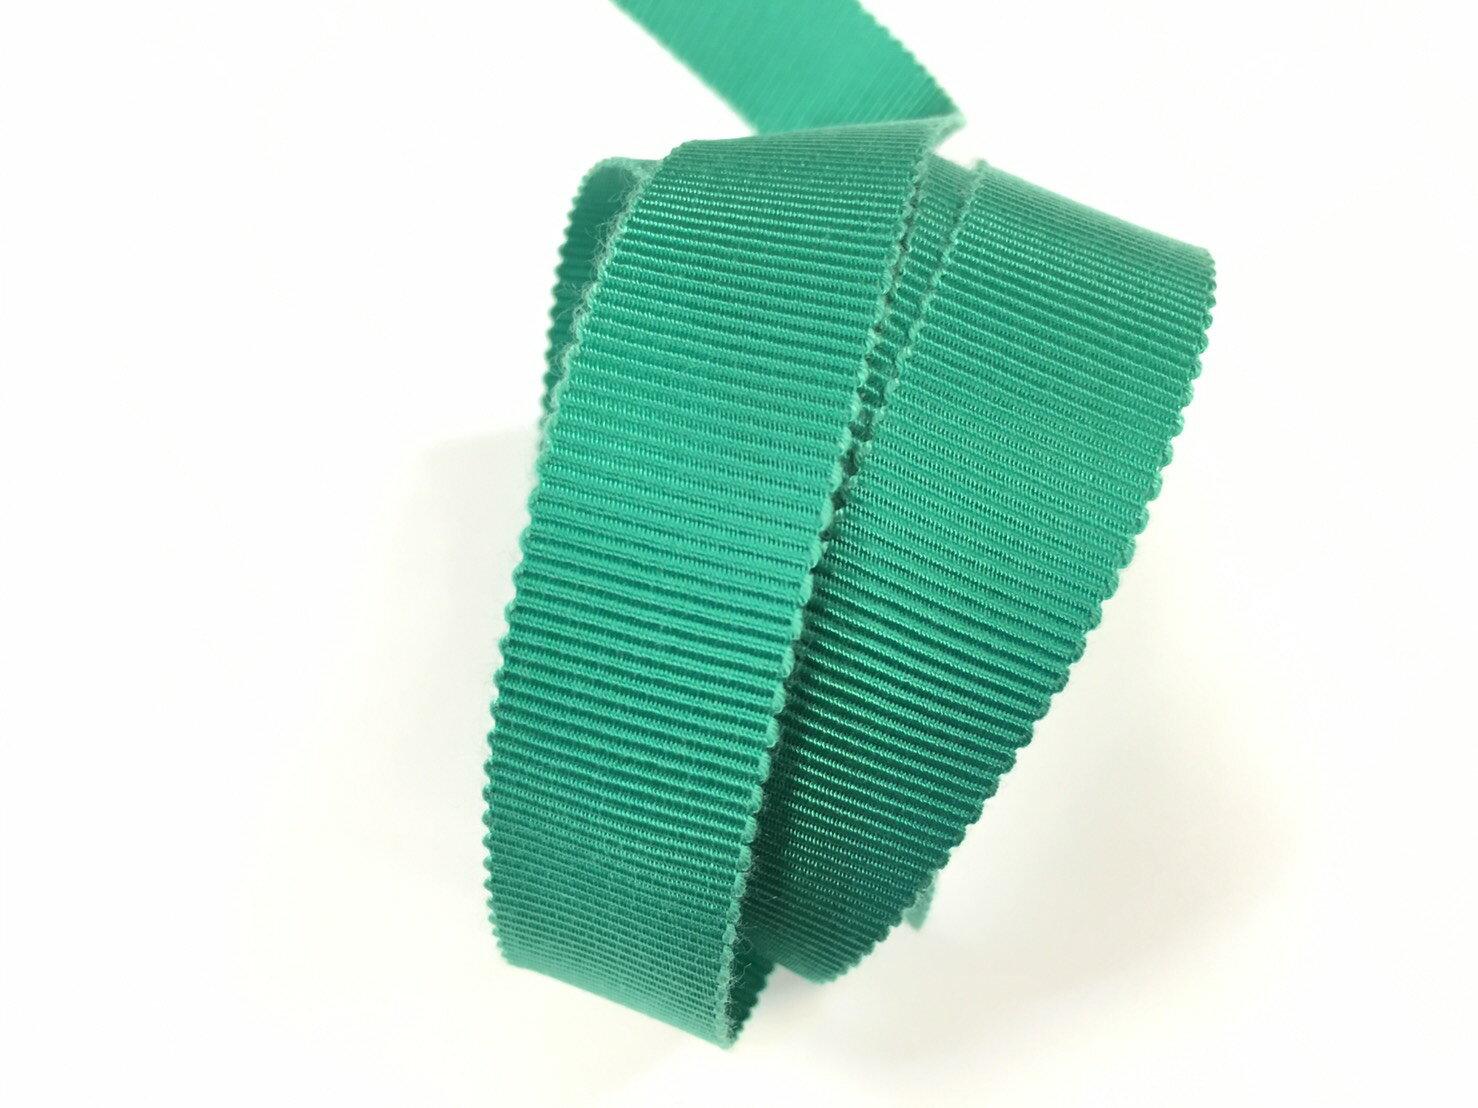 迴紋帶 羅紋緞帶 10mm 3碼 (22色) 日本製造台灣包裝 6